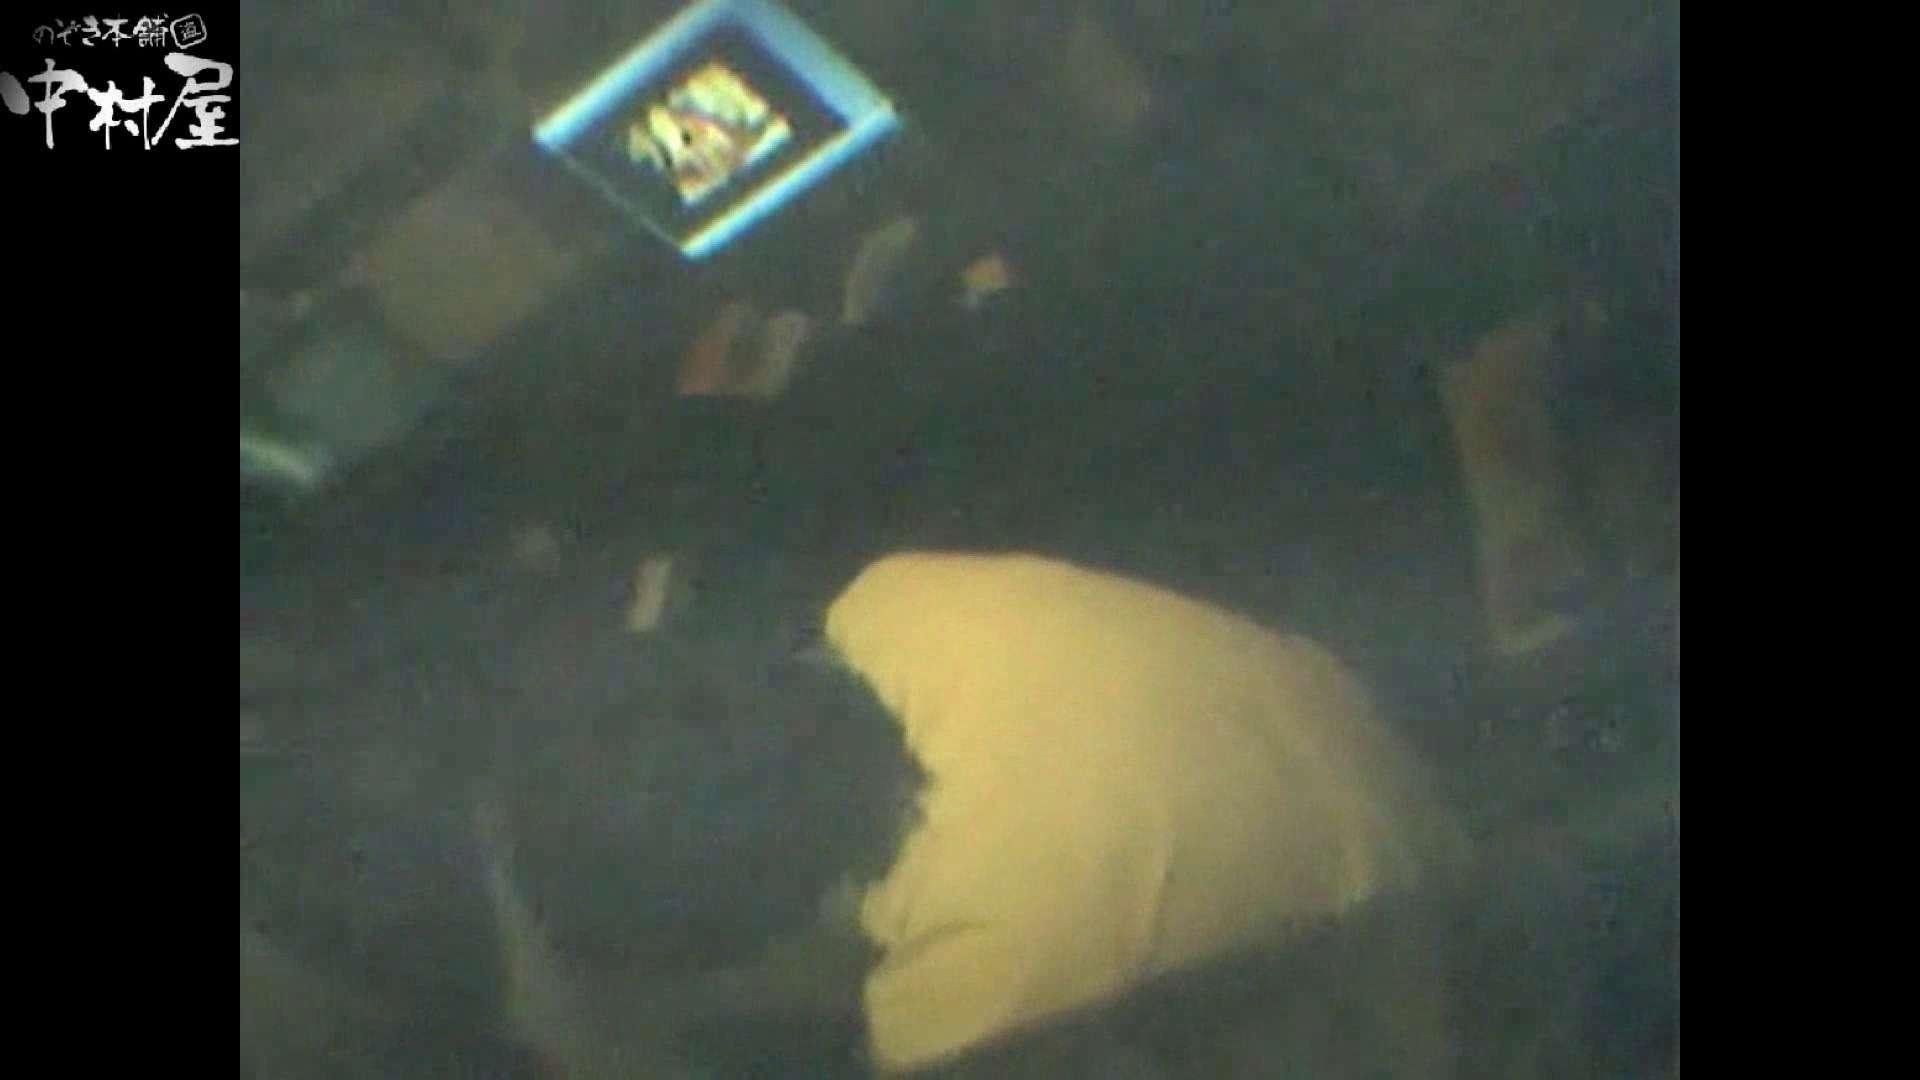 インターネットカフェの中で起こっている出来事 vol.002 OLのプライベート 覗きおまんこ画像 12pic 12